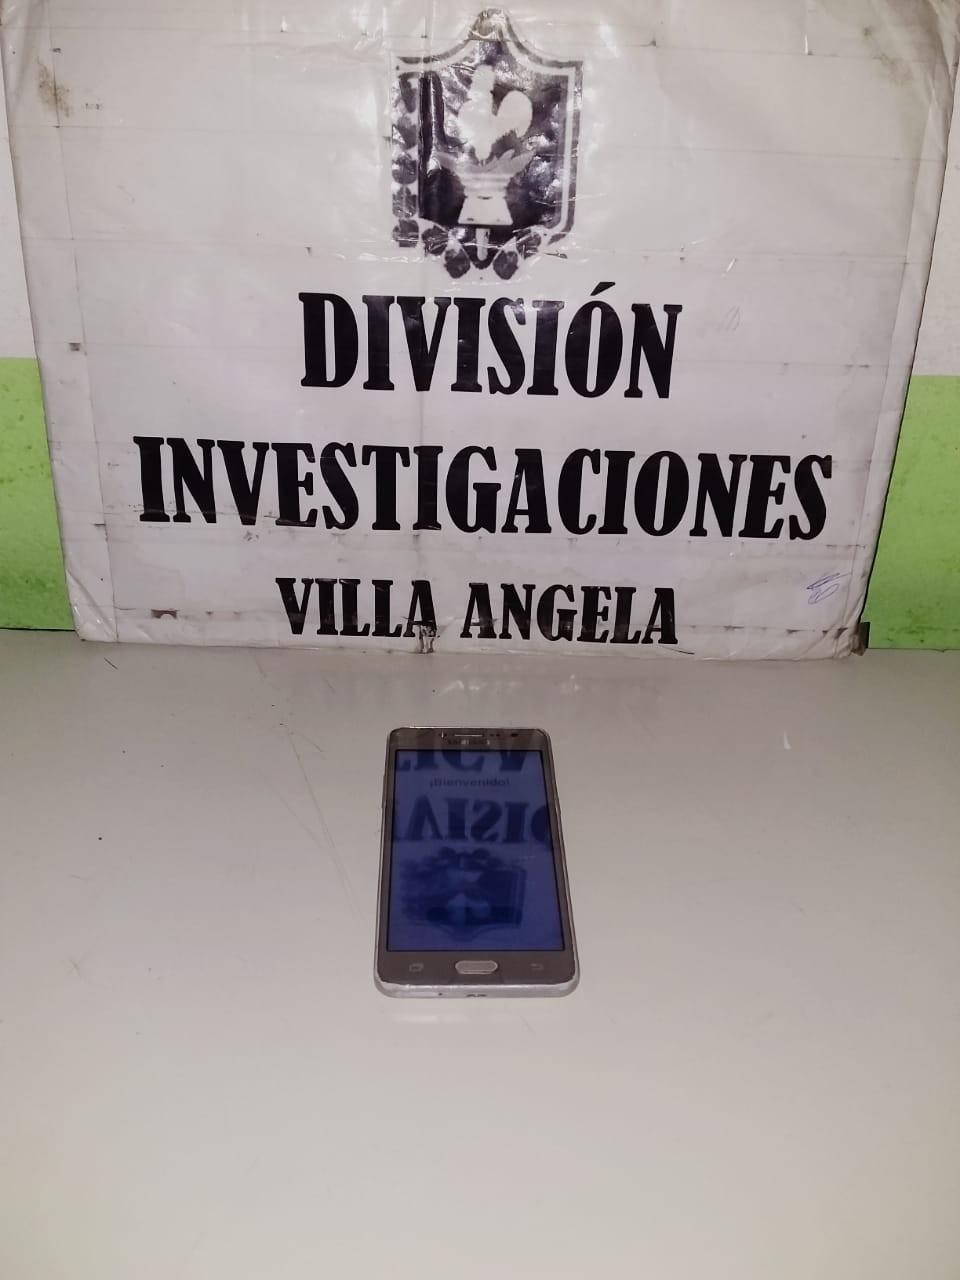 VILLA ÁNGELA: PERSONAL POLICIAL RECUPERA UN CELULAR ROBADO HACE UN MES